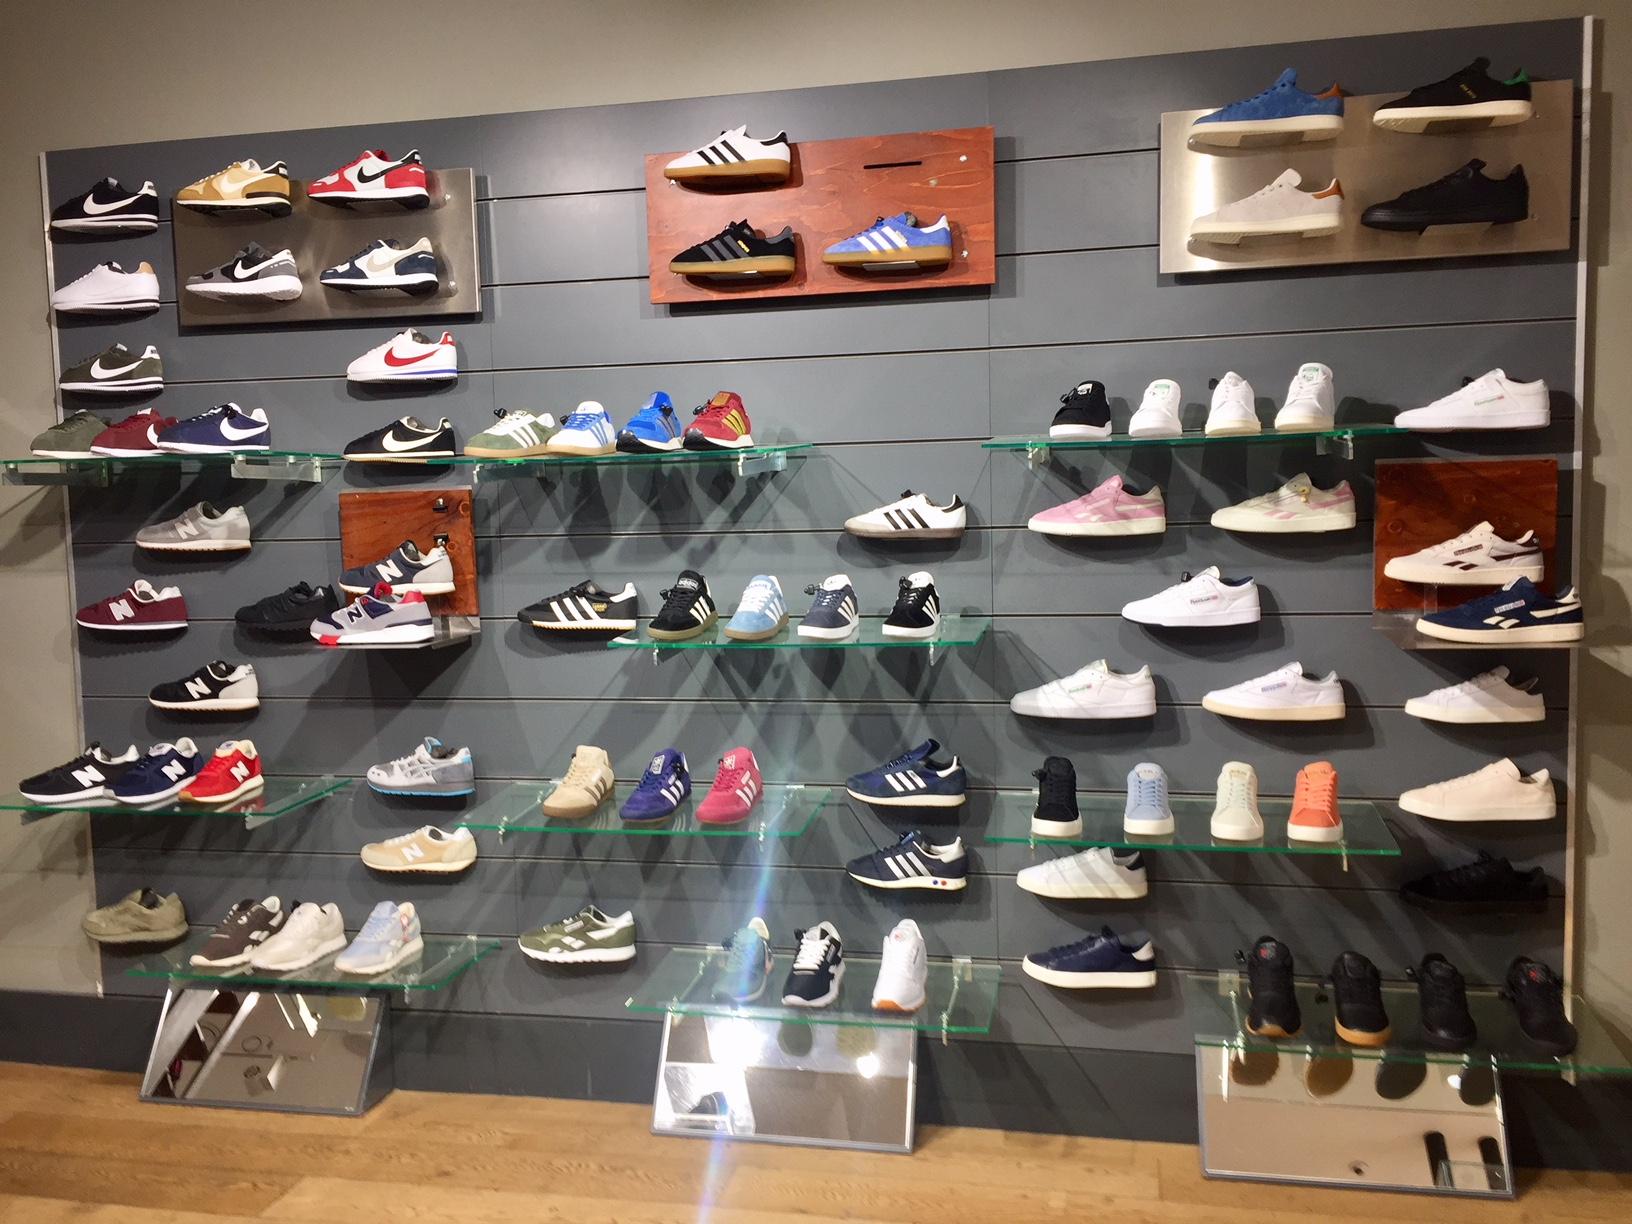 acheter et vendre authentique magasin chaussure marseille